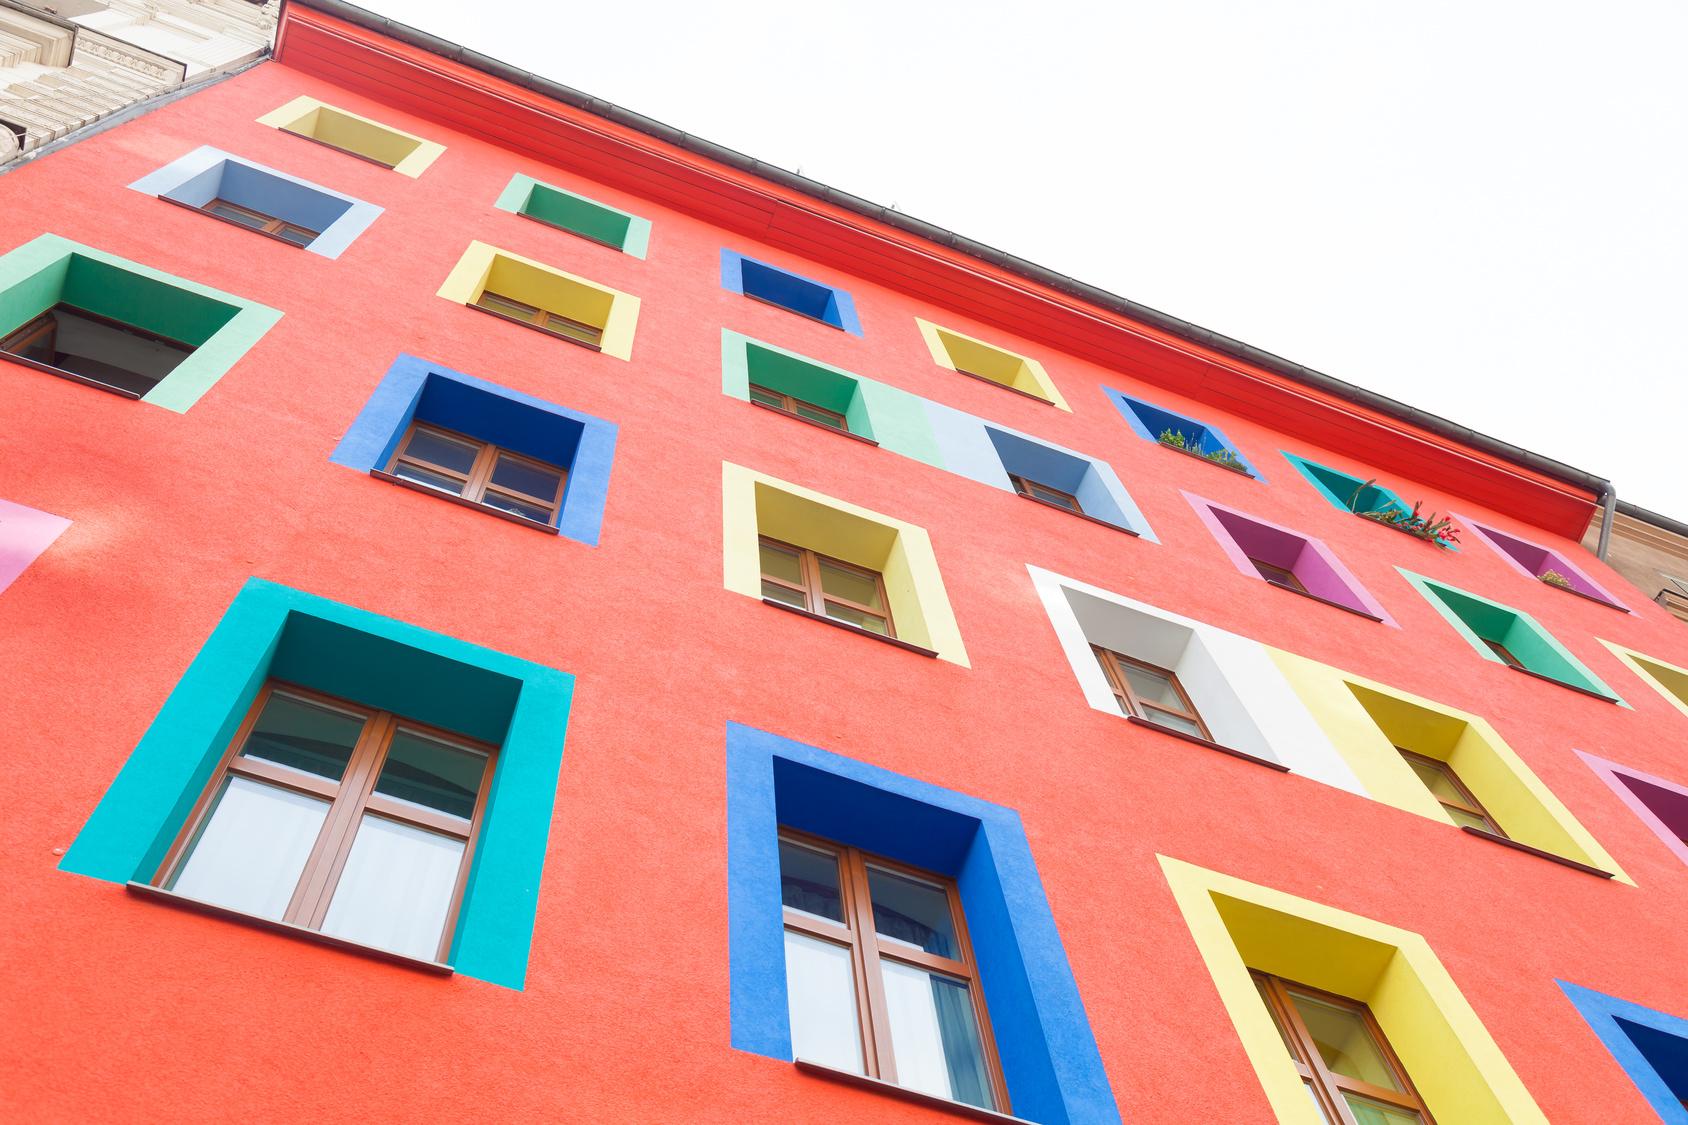 Couleur Extérieur Maison 2017 les goûts et les couleurs des façades ne se discutent pas